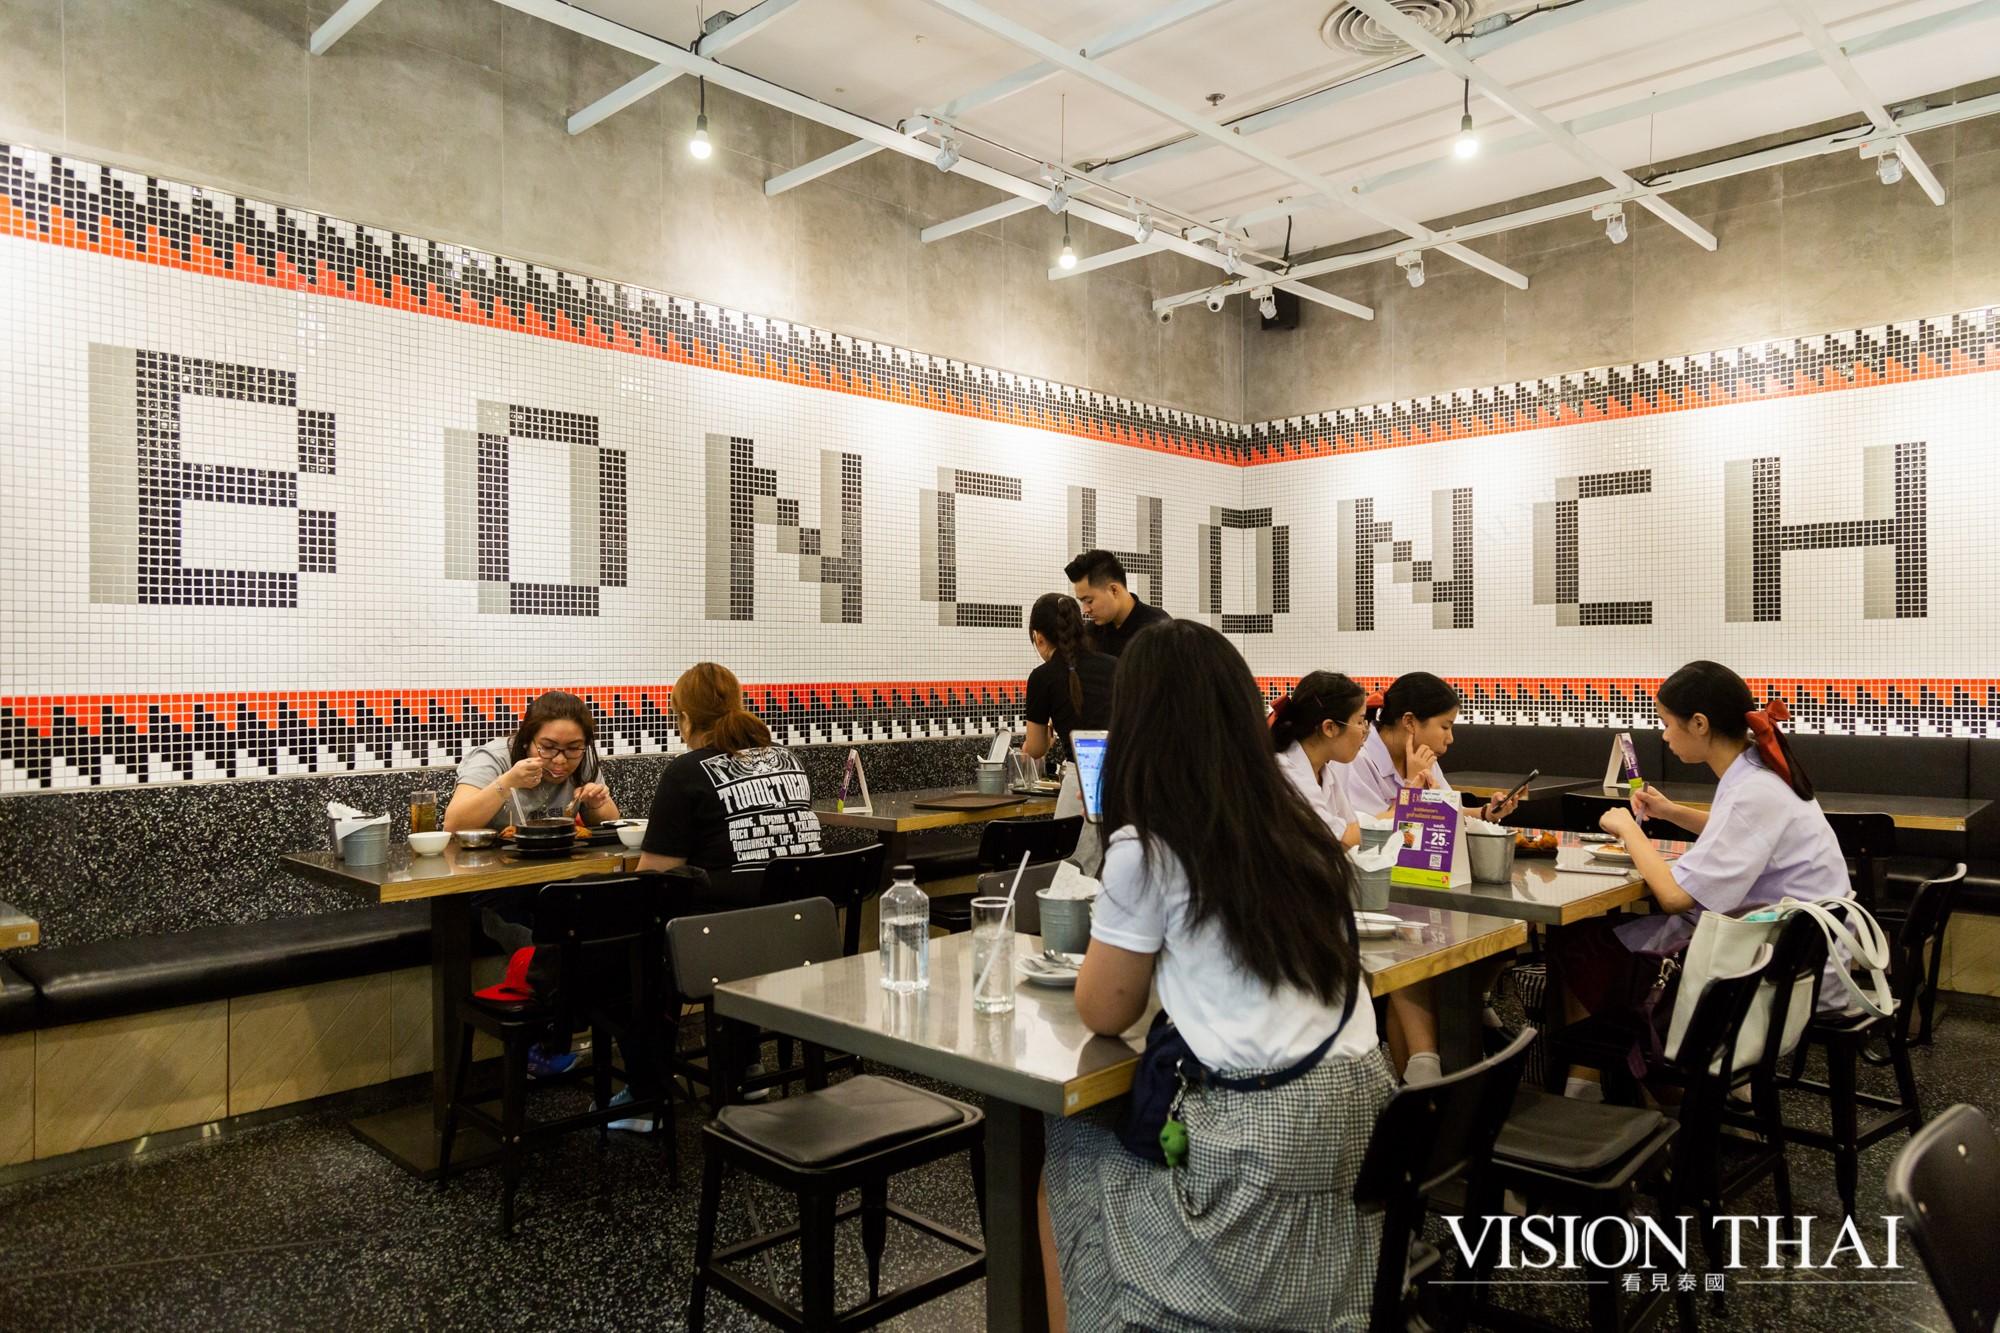 泰國本村炸雞是泰國年輕人最熱愛的聚餐餐廳之一